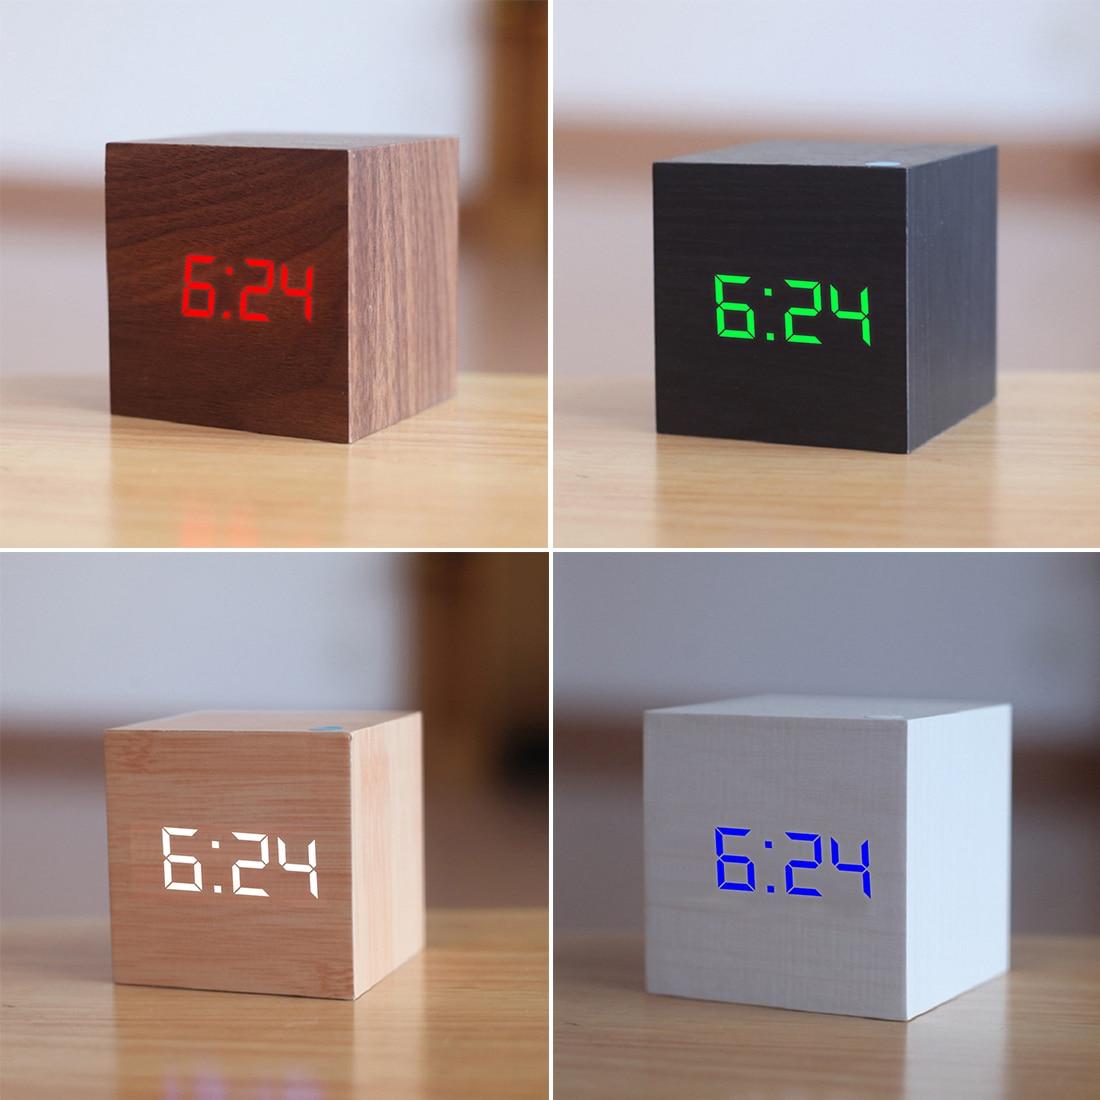 0061239022a Multicolor Soa Controle Mesa De Madeira Relógio Digital De Madeira LEVOU  Despertador Termômetro Calendário Temporizador Decoração de Mesa